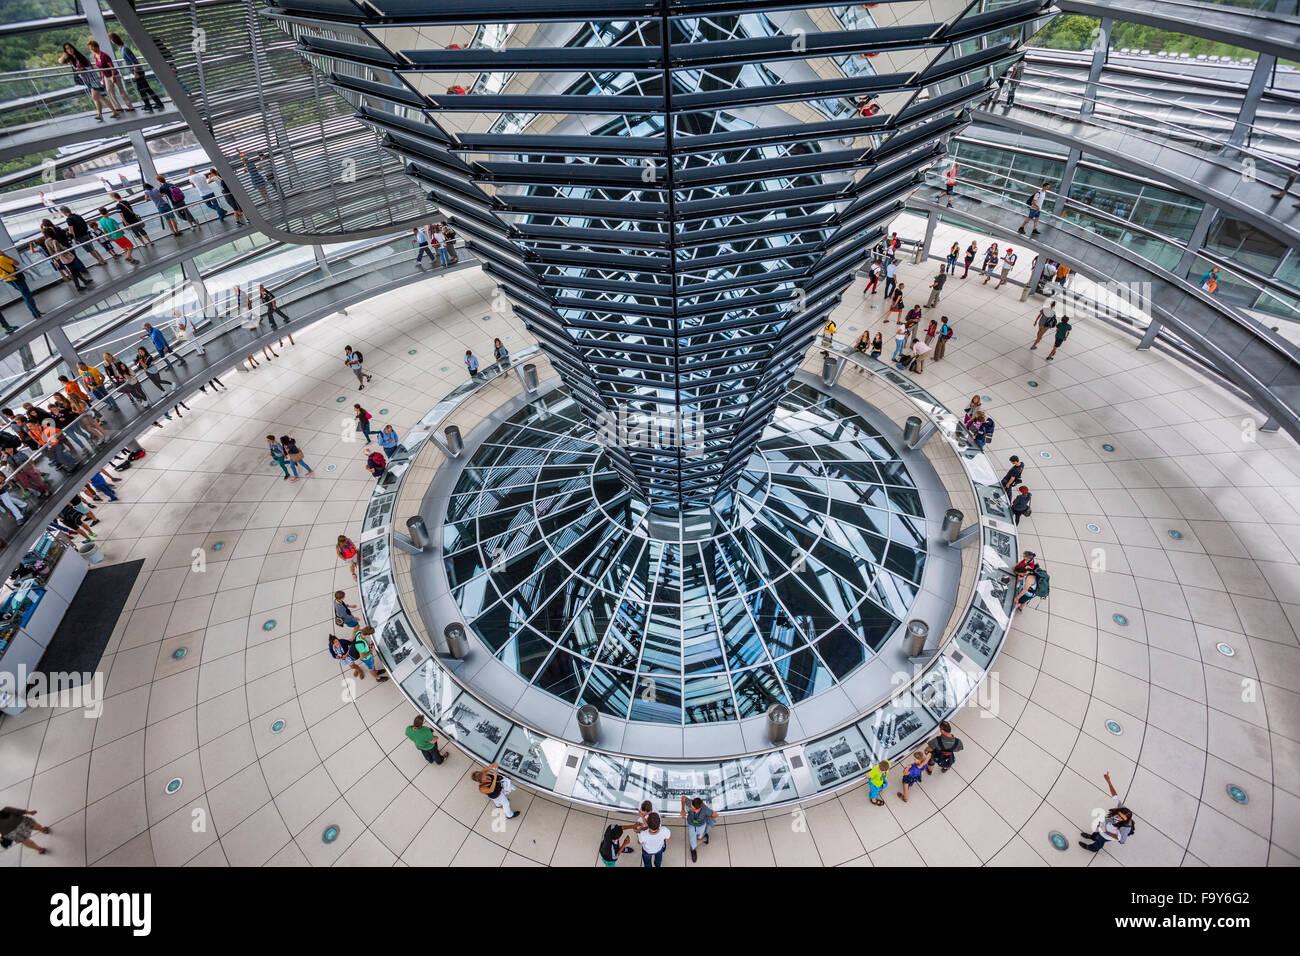 Deutschland, Berlin, Reichstagsgebäude, Innenansicht des Glas-Kuppel von Norman Foster entworfen mit Doppel-Helix Stockfoto